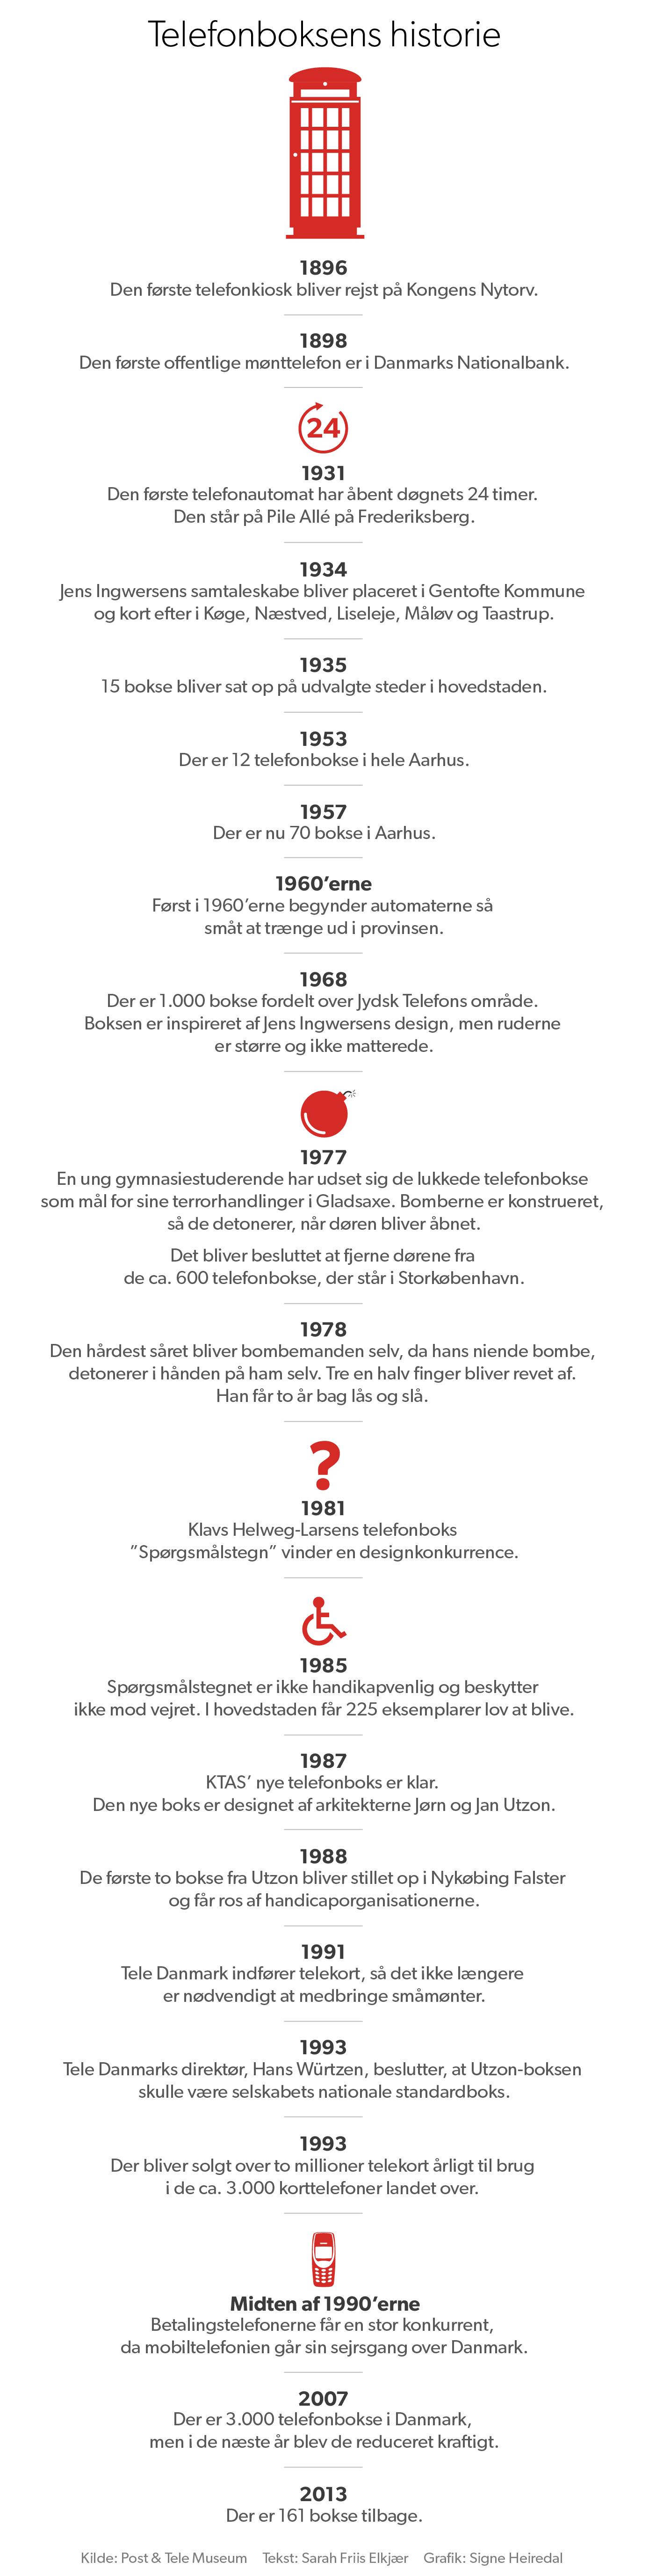 telefonboksen_tidslinje_desk.png